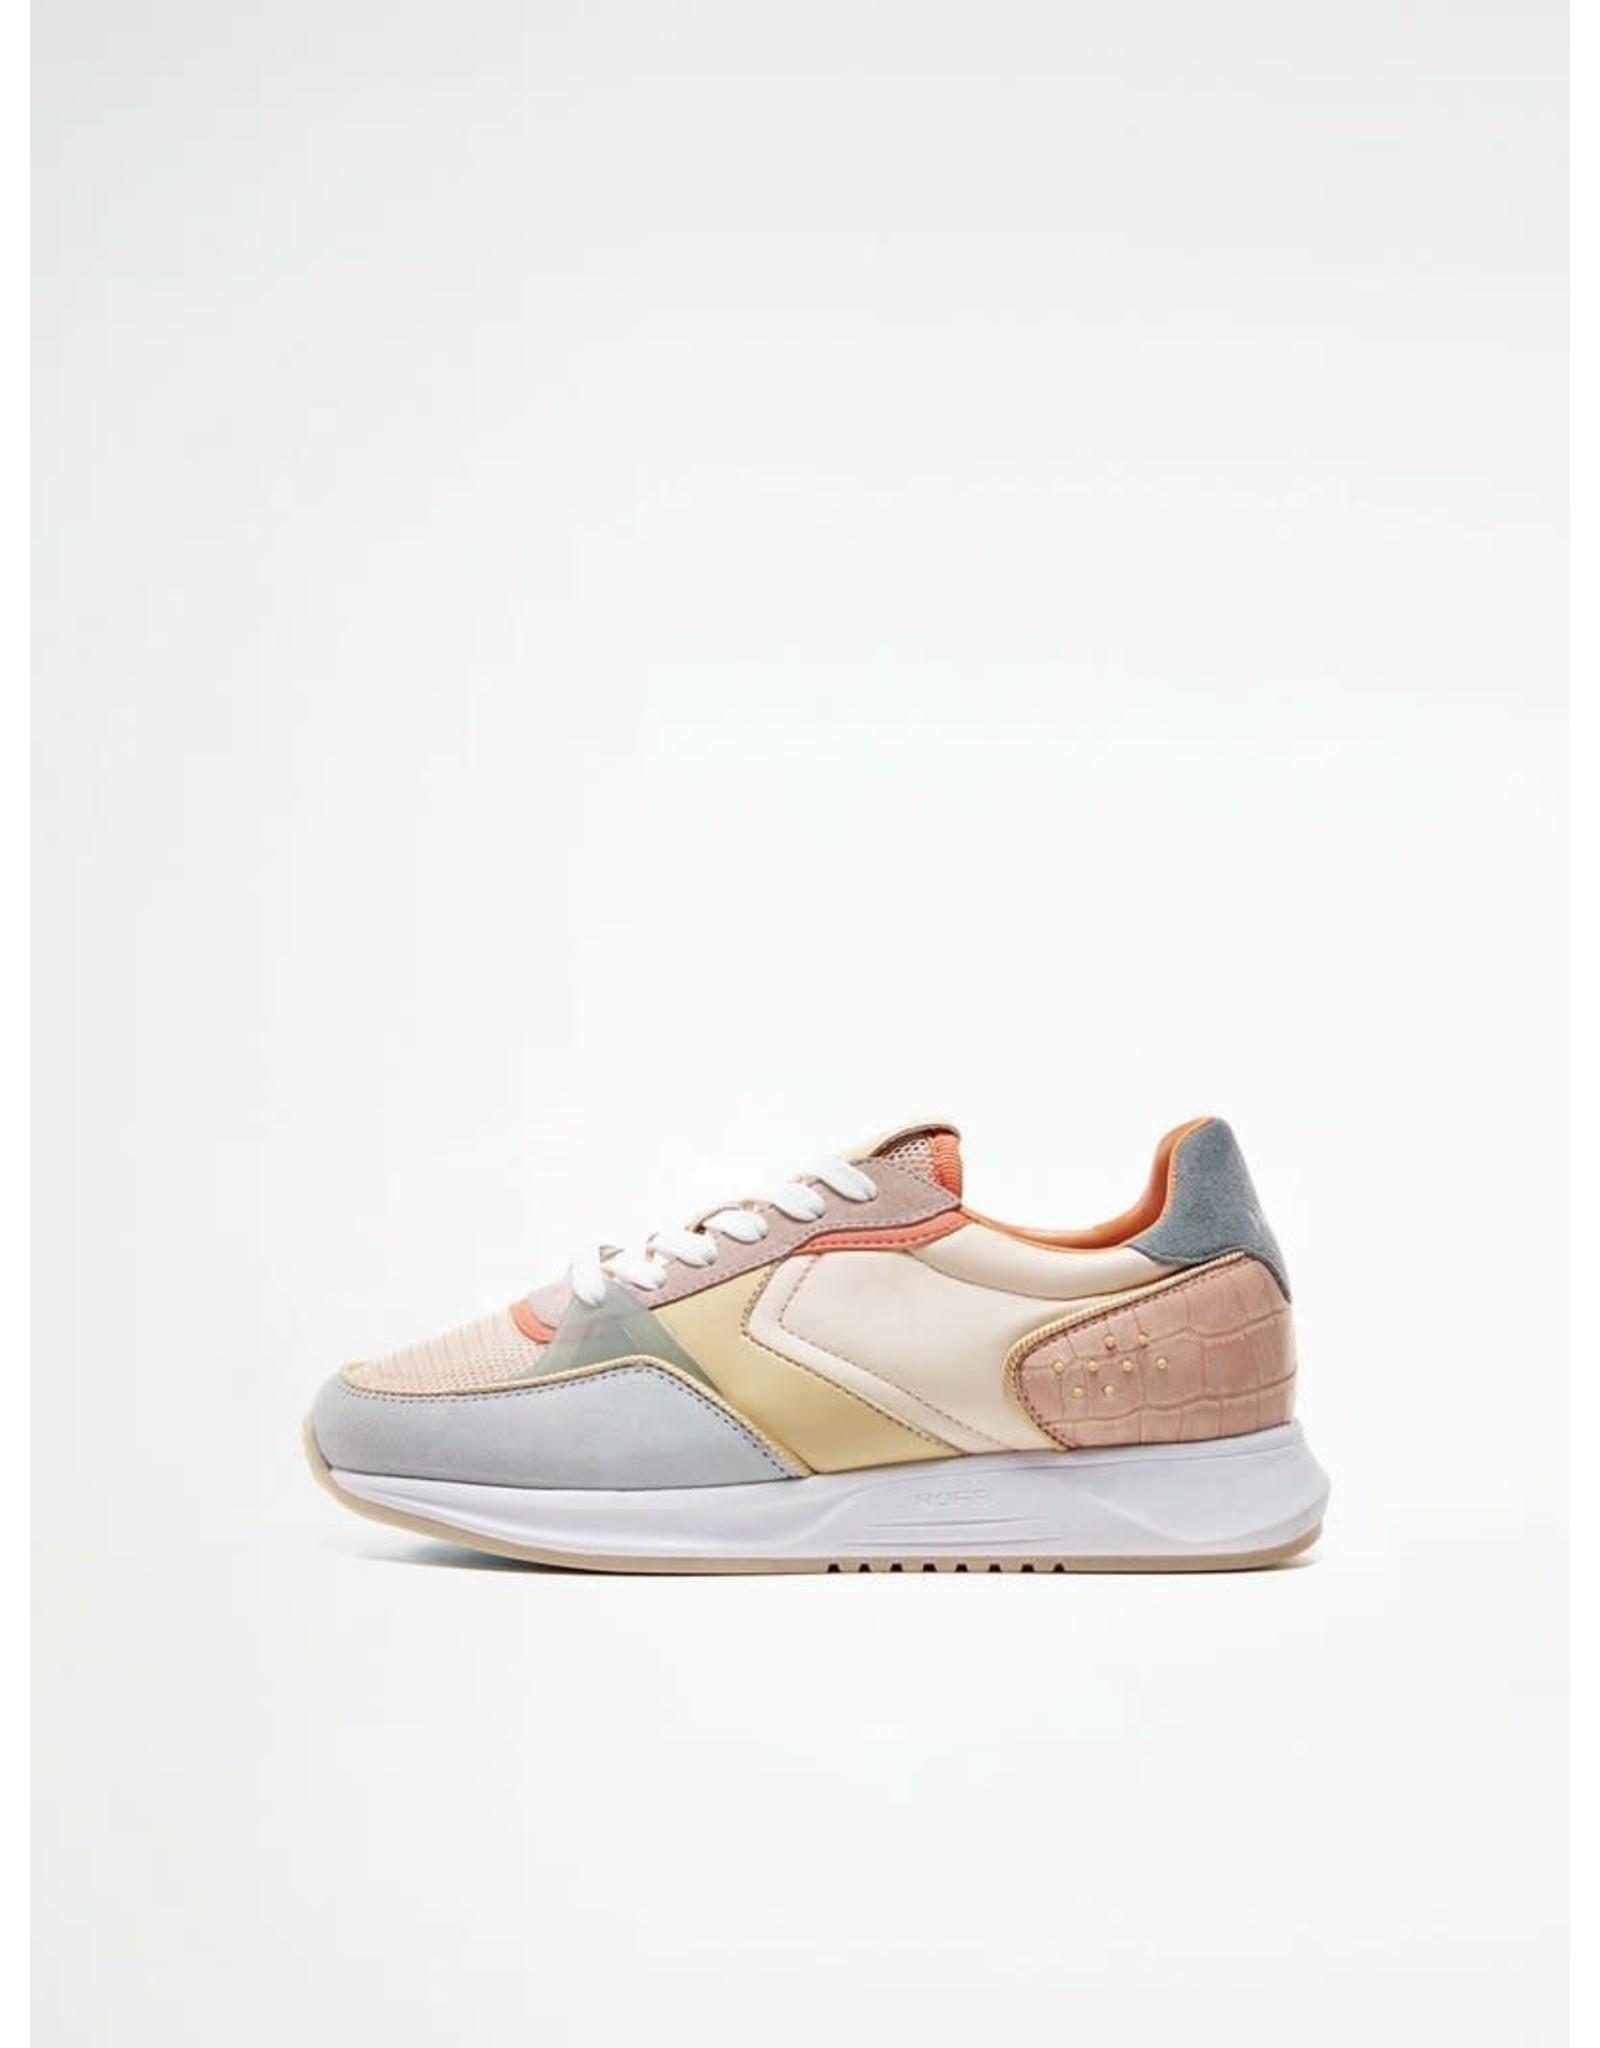 HOFF Back Bay Sneaker